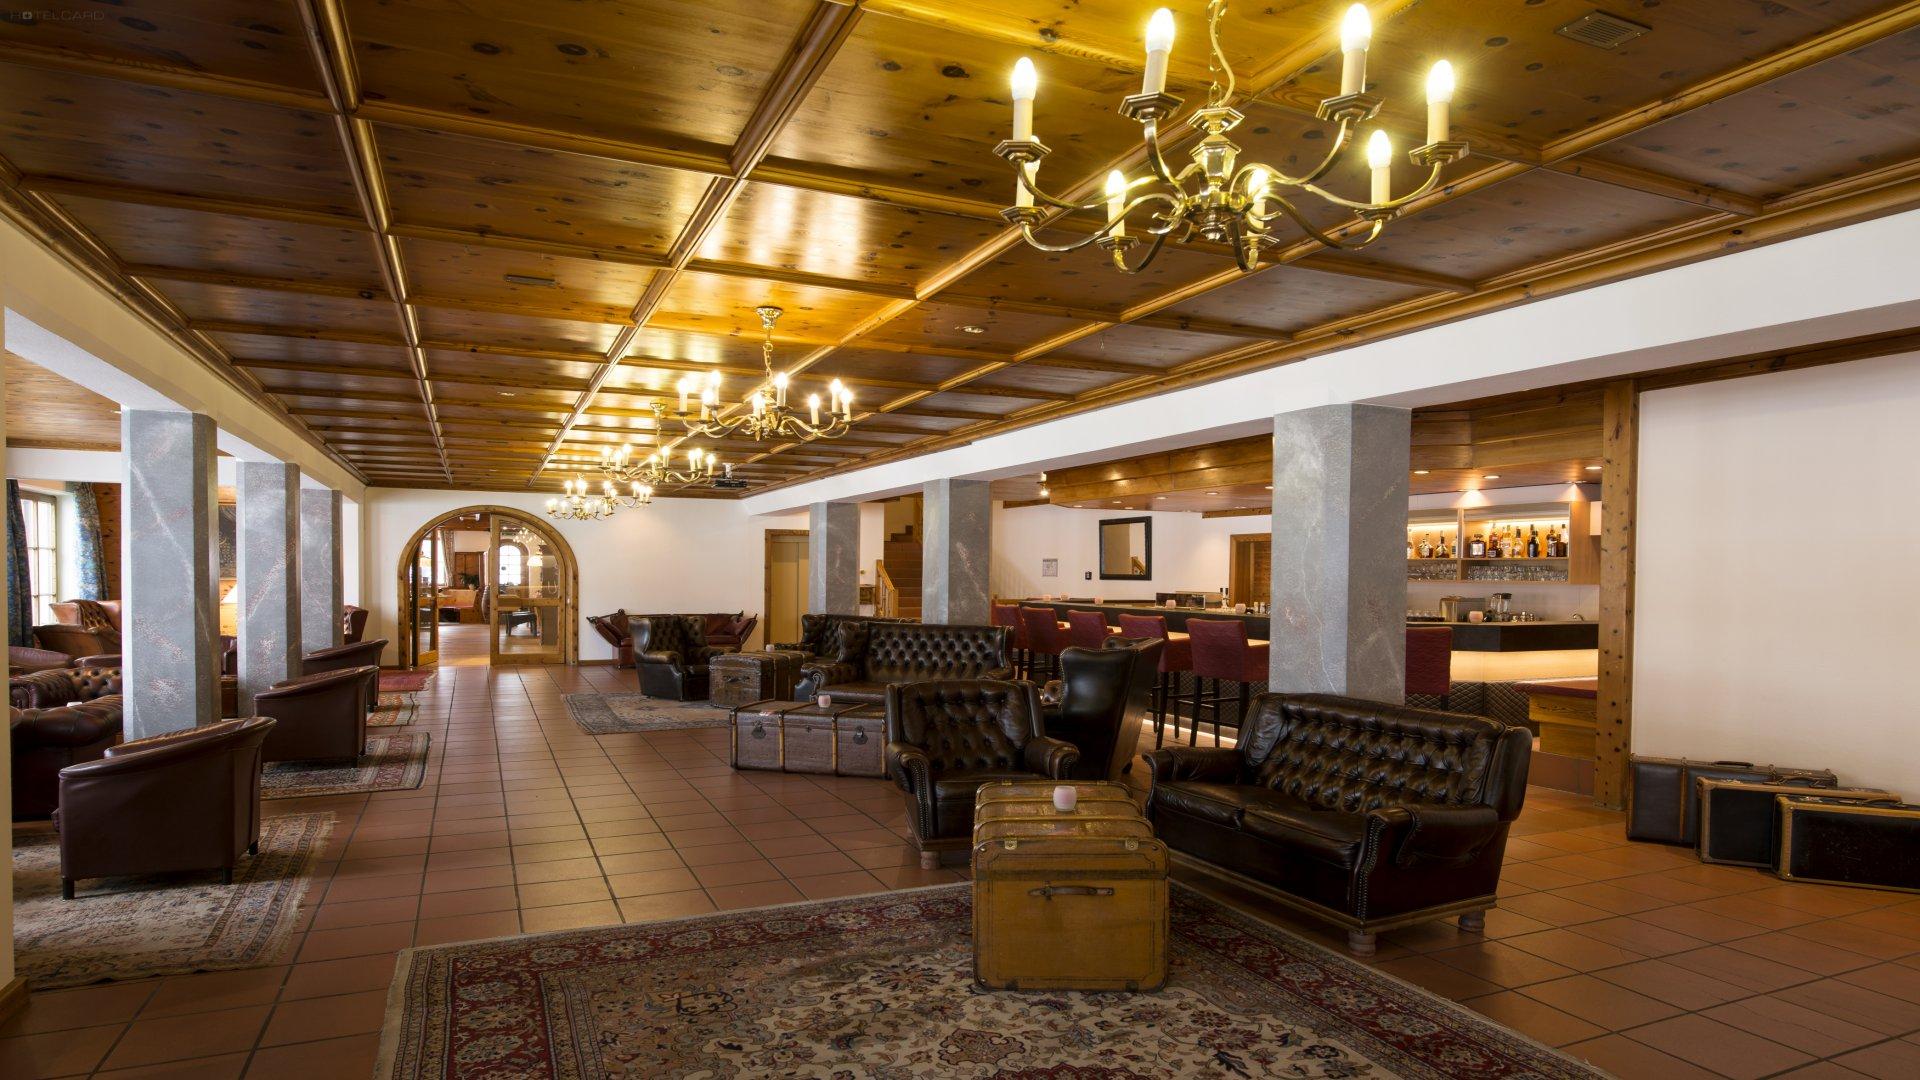 Chiemgauer Hof - Erlebnis Hotel 4